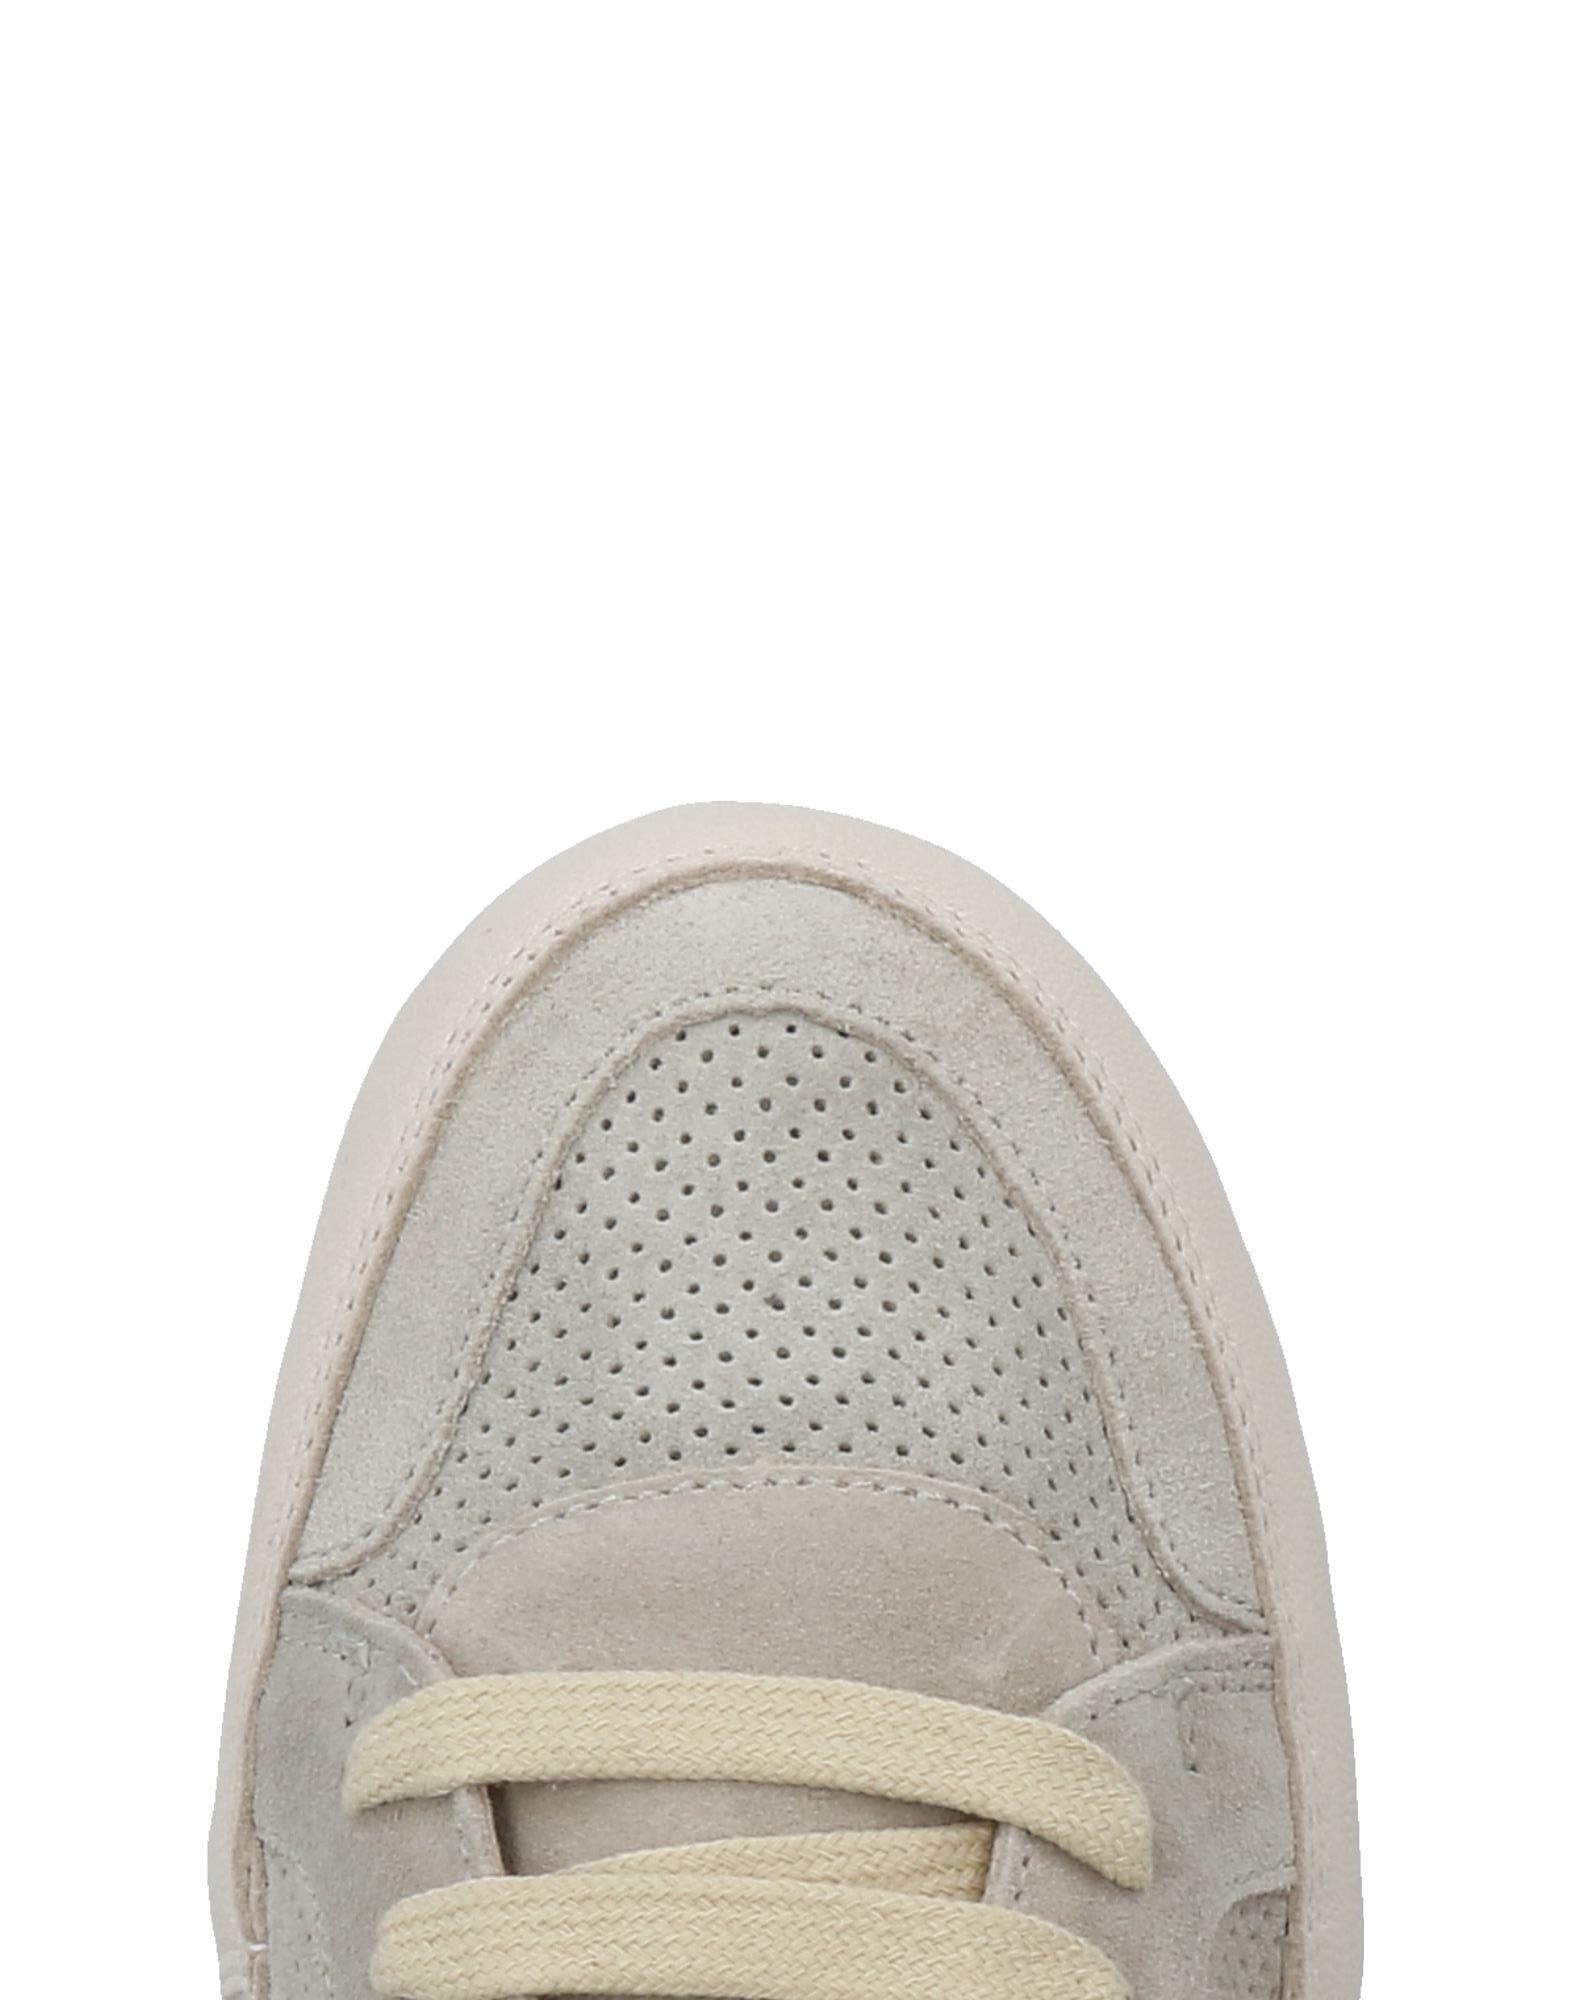 Manas Sur Sur Manas Le Fil Sneakers Damen  11425664GF 1a982a